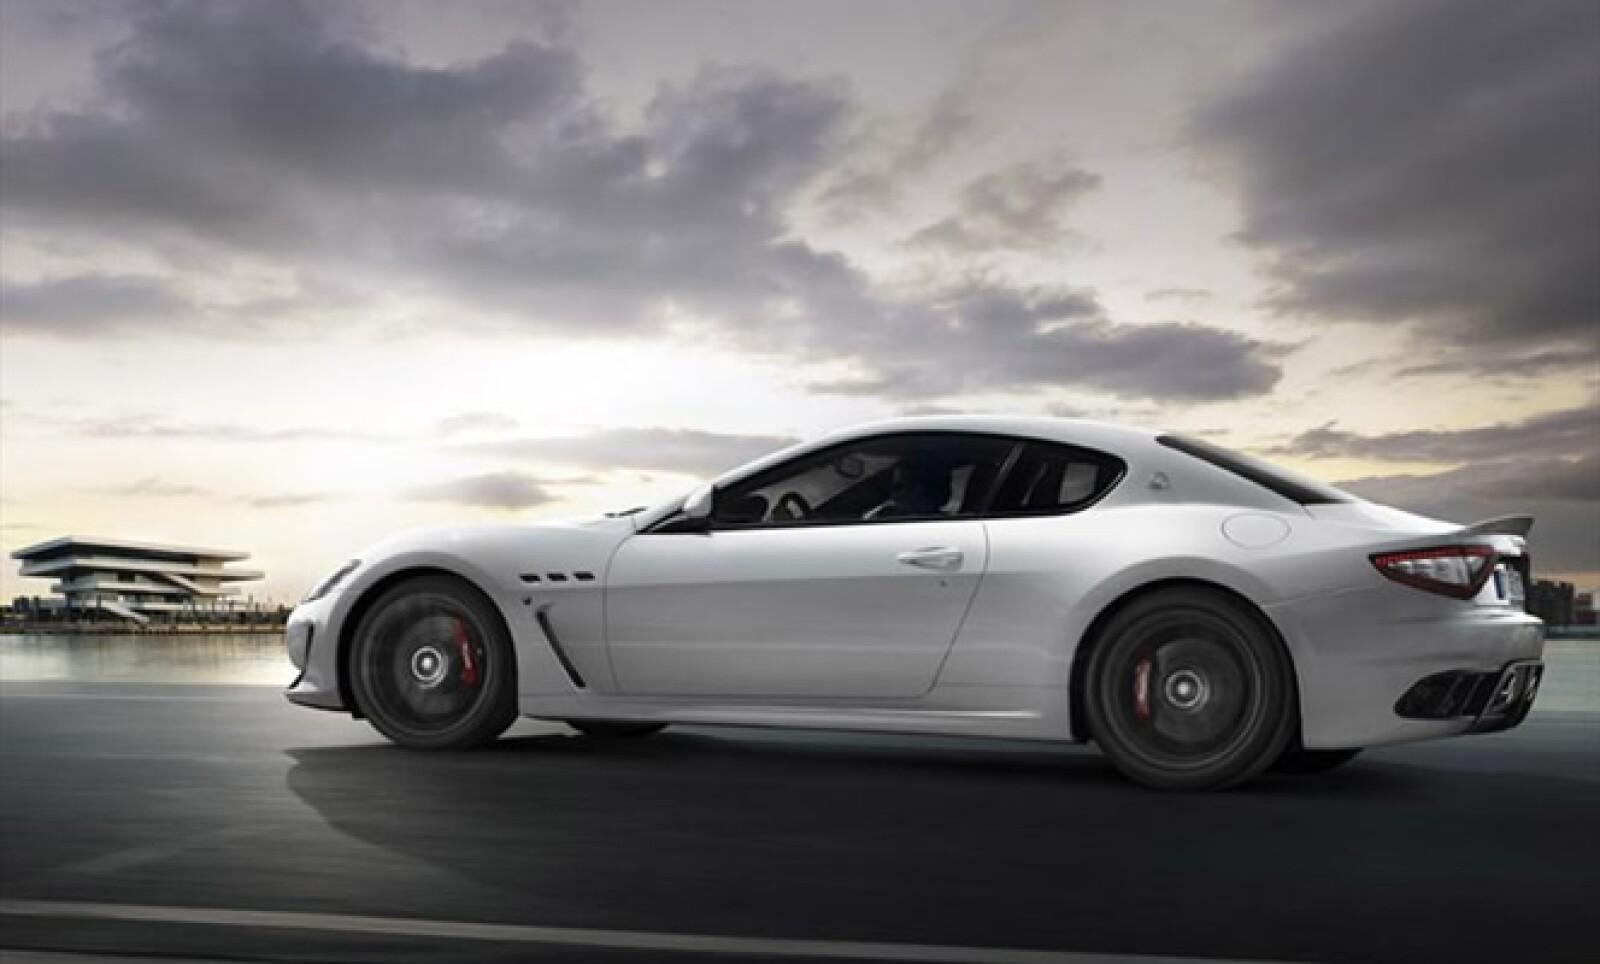 El motor 4.7 litros V8 de este vehículo llega hasta los 450 hp y sin más datos técnicos, la marca indica que su velocidad punta llegará hasta los 300 km/h.